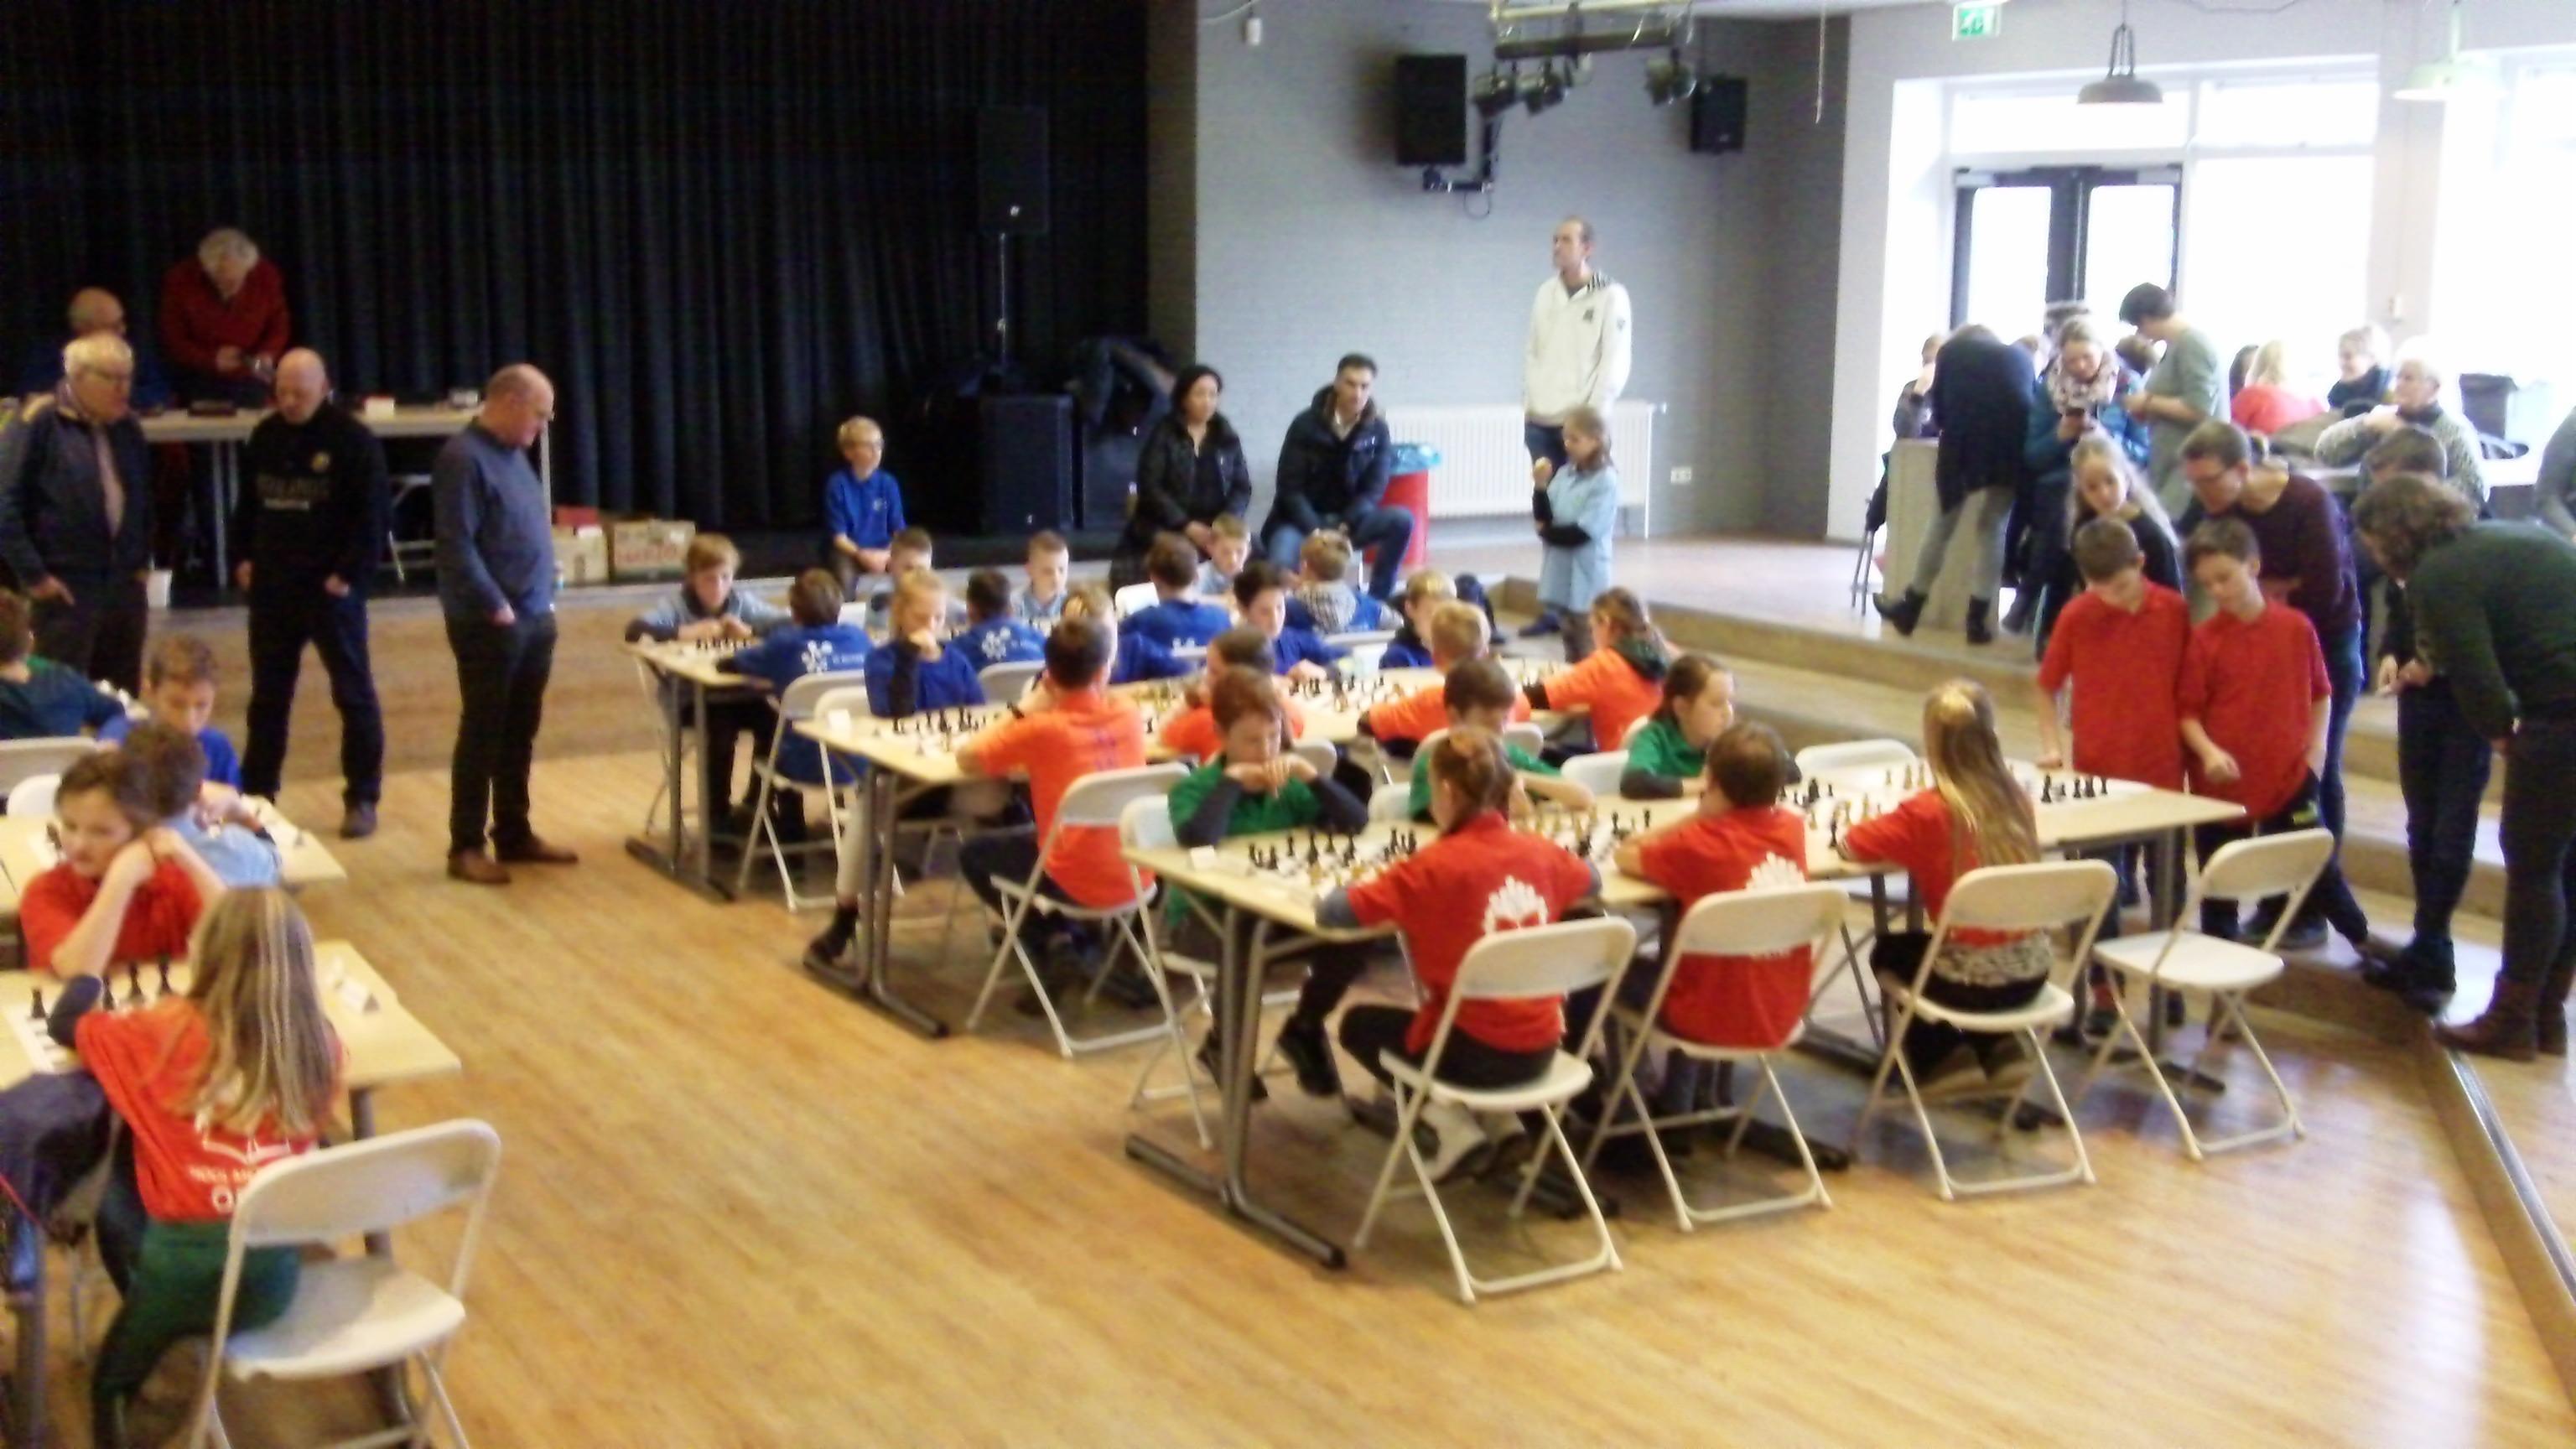 Veel nieuwe gezichten bij de voorronde van het schaaktoernooi voor basisscholen 2020. (foto's: Dries Elskamp)